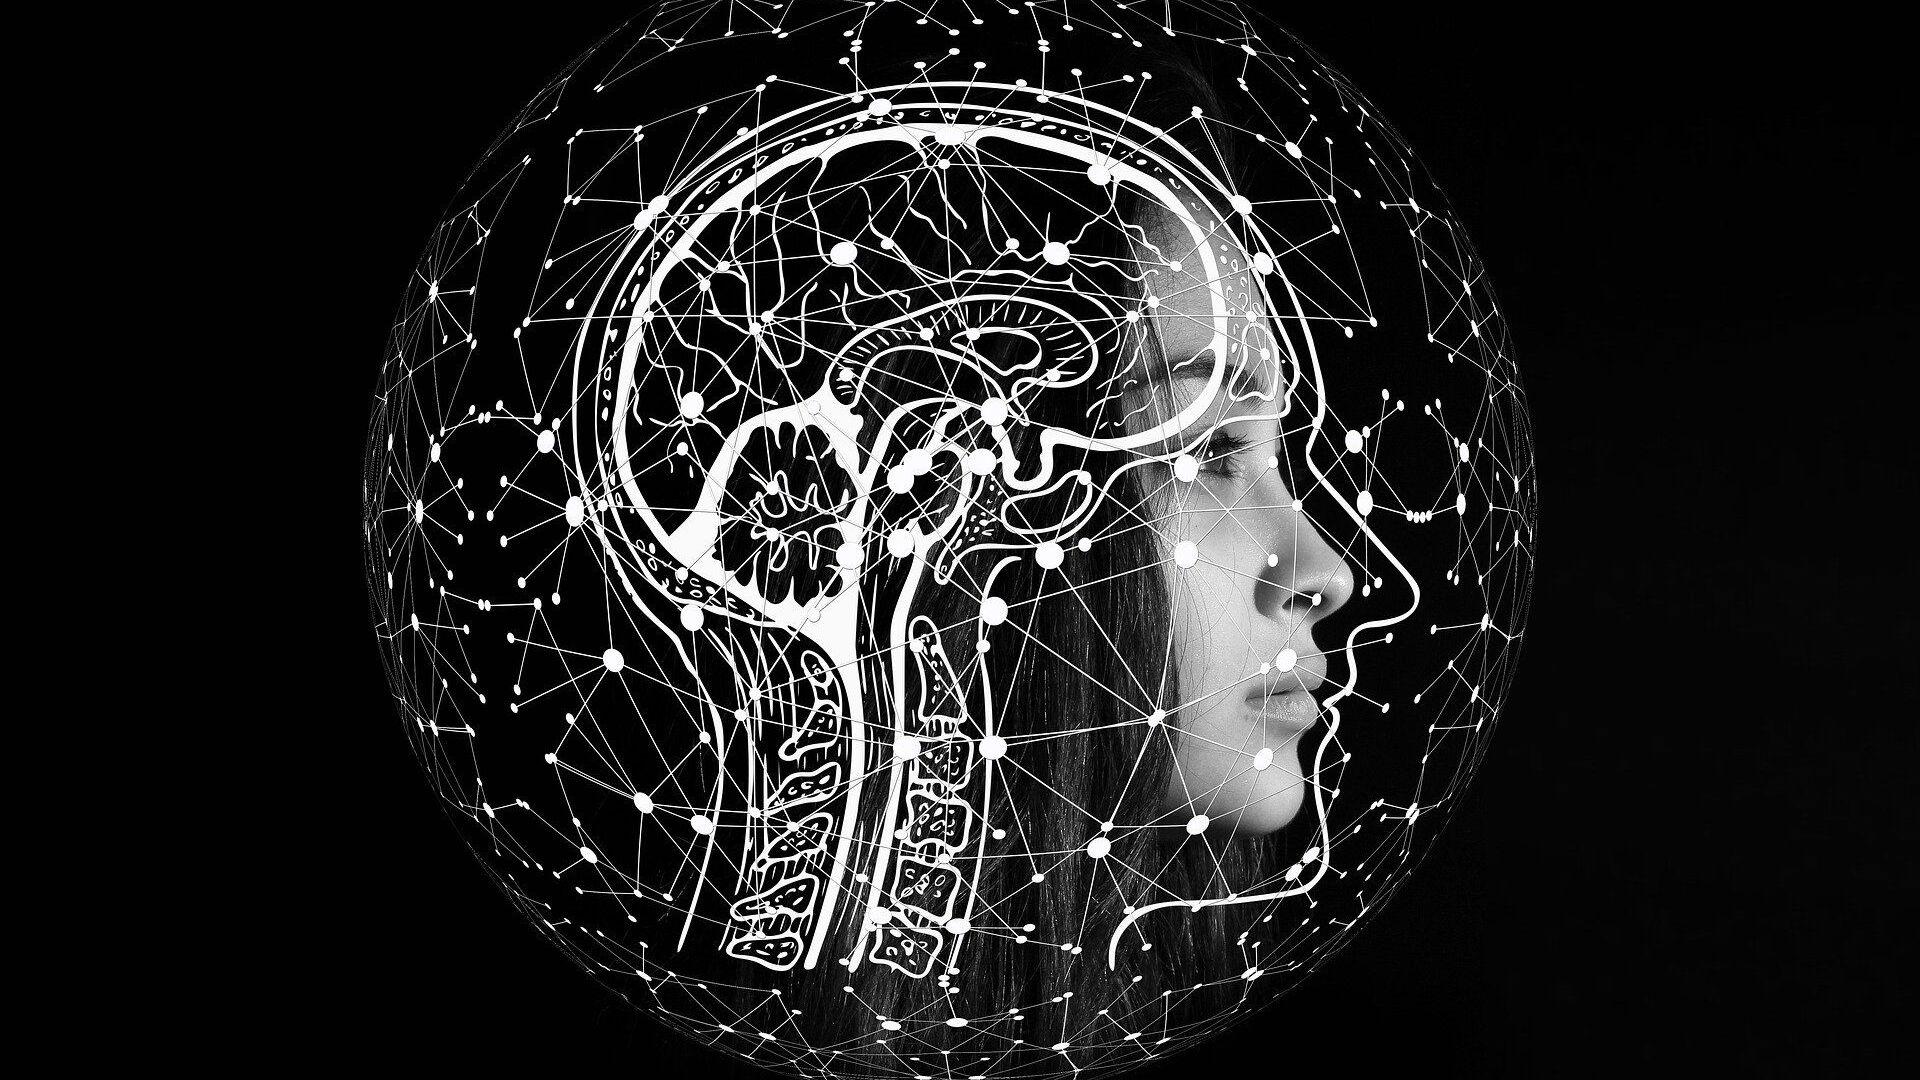 Εγκέφαλος - Sputnik Ελλάδα, 1920, 30.09.2021